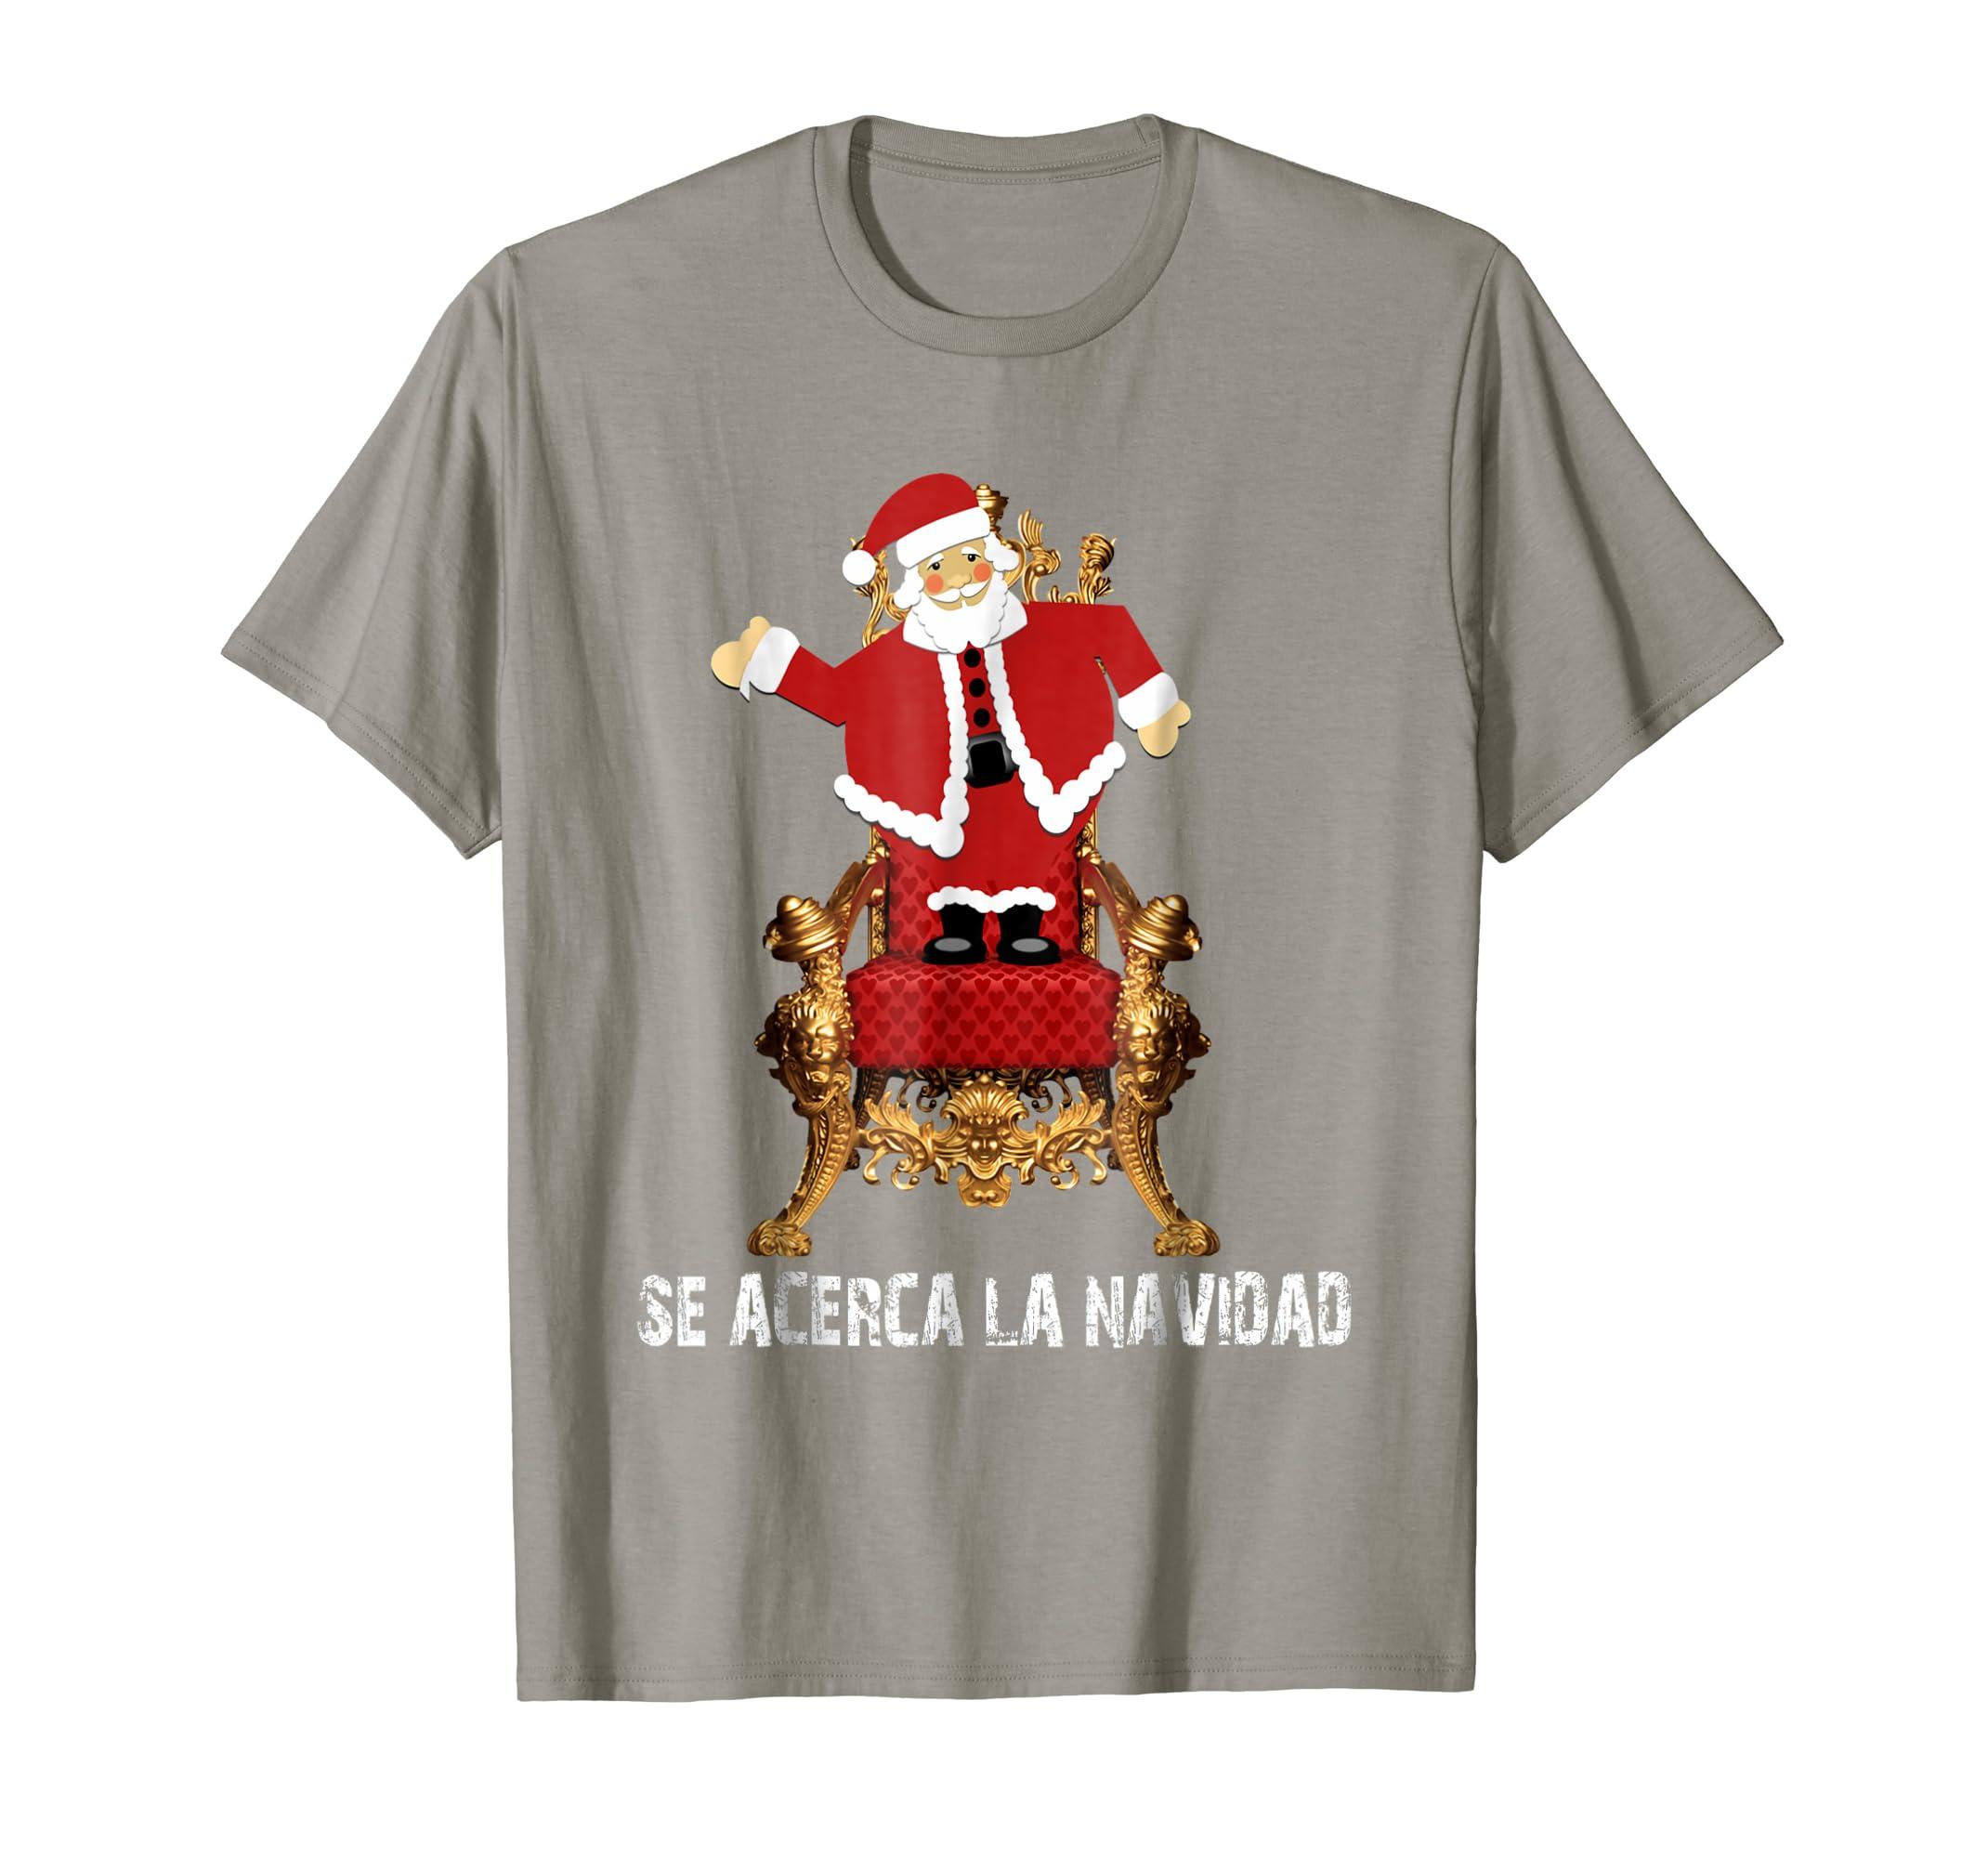 Amazon.com: Camiseta divertida de la Navidad del trono del bast T-shirt: Clothing